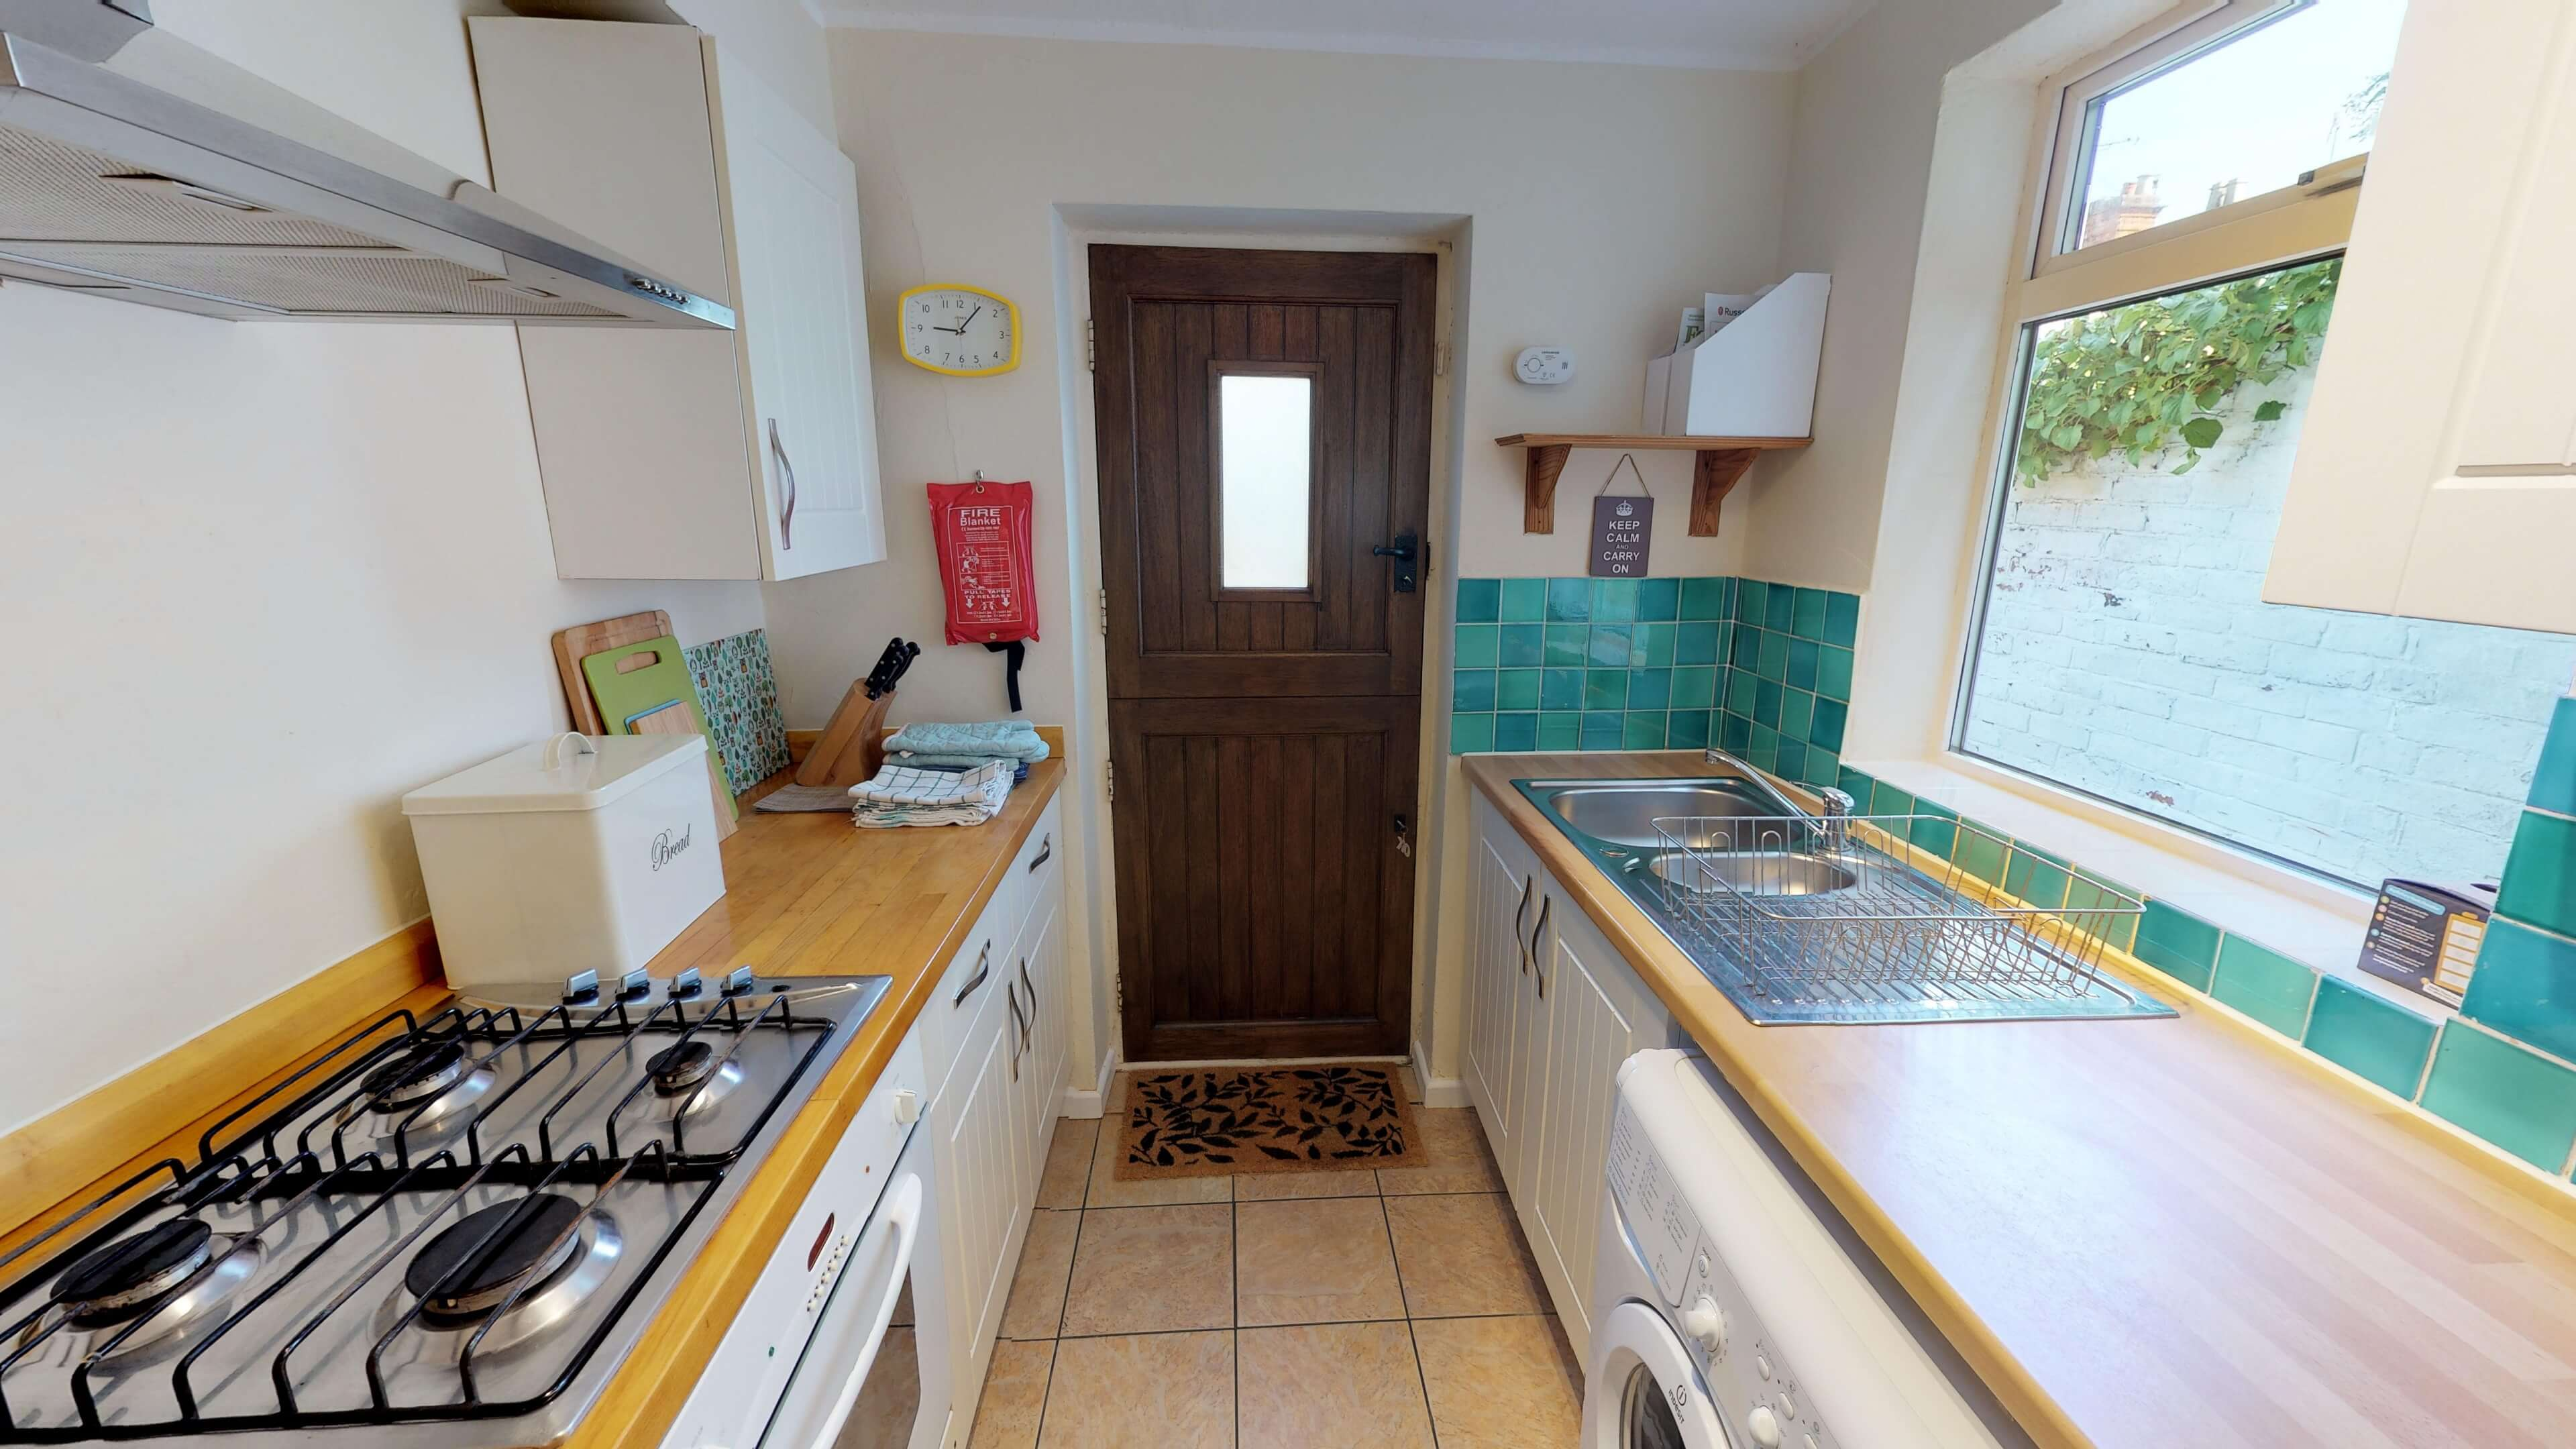 Gordon Street Kitchen